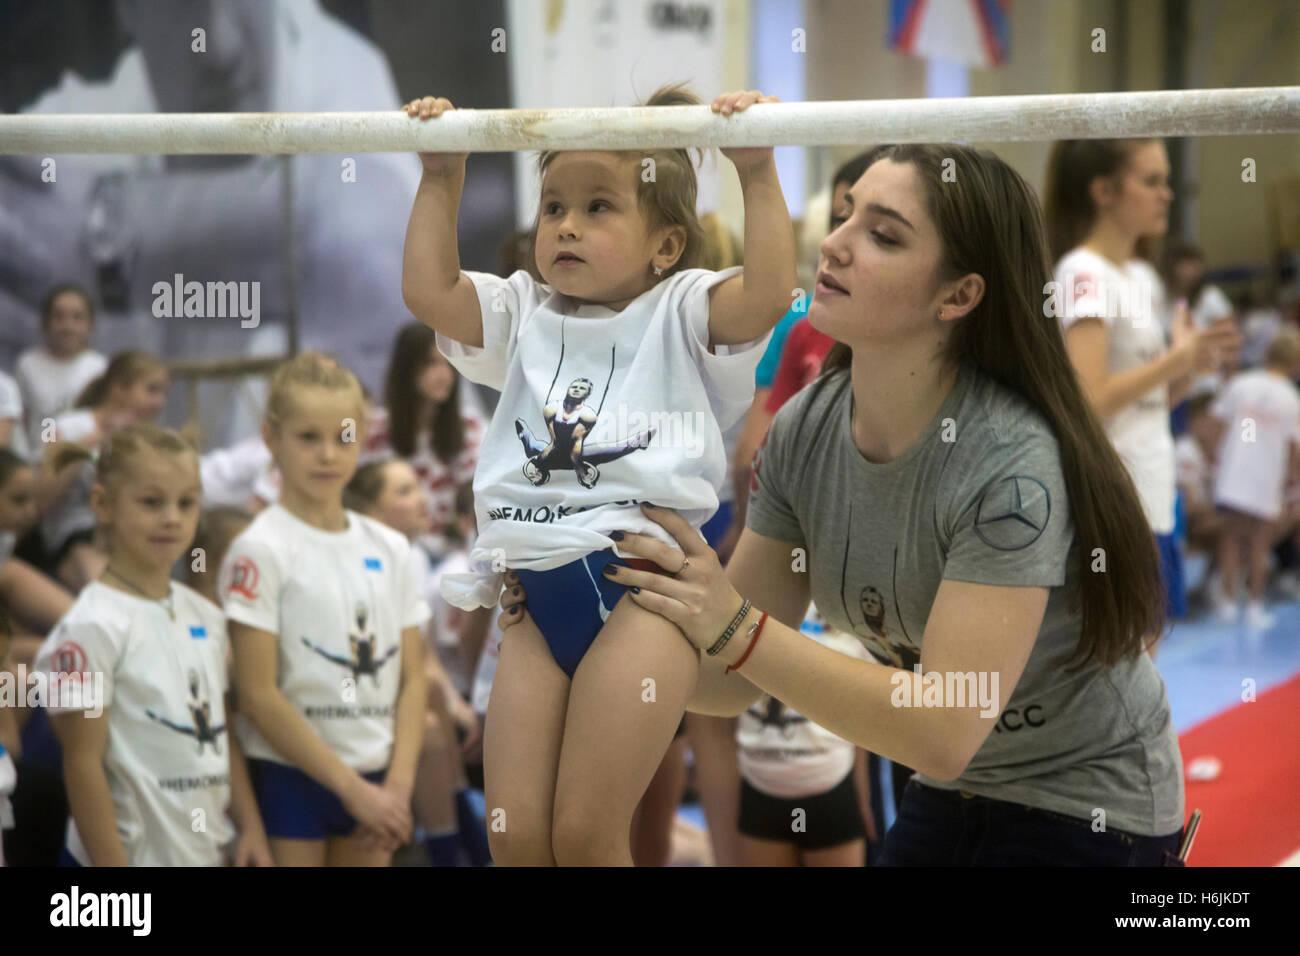 Rusia campeón olímpico de gimnasia artística Aliya Mustafina durante la master class en gimnasia Imagen De Stock